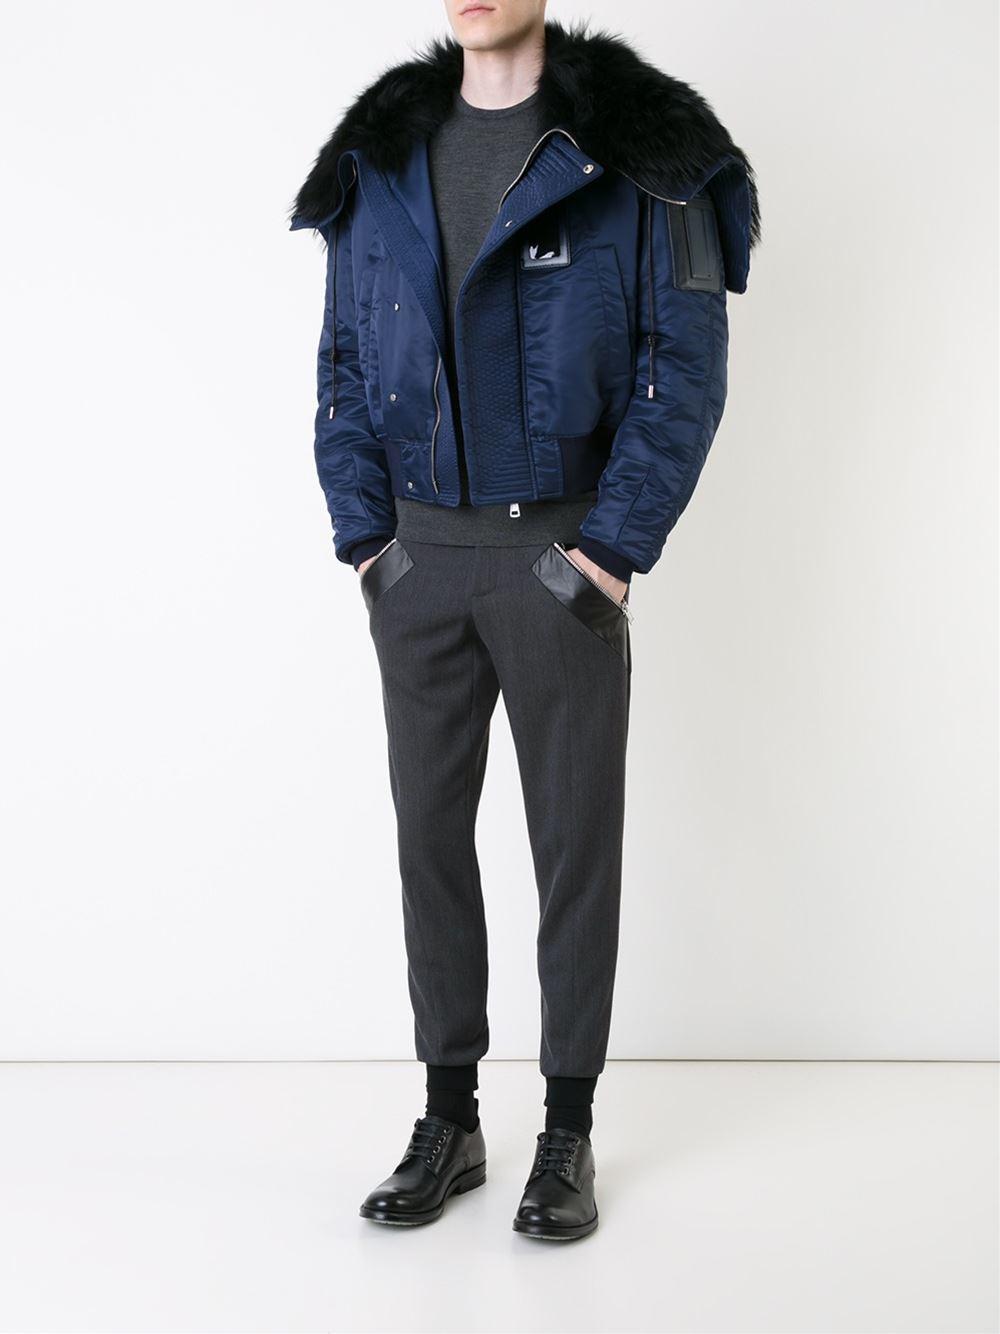 Juun.J Oversized Collar Padded Bomber Jacket in Blue (Black) for Men